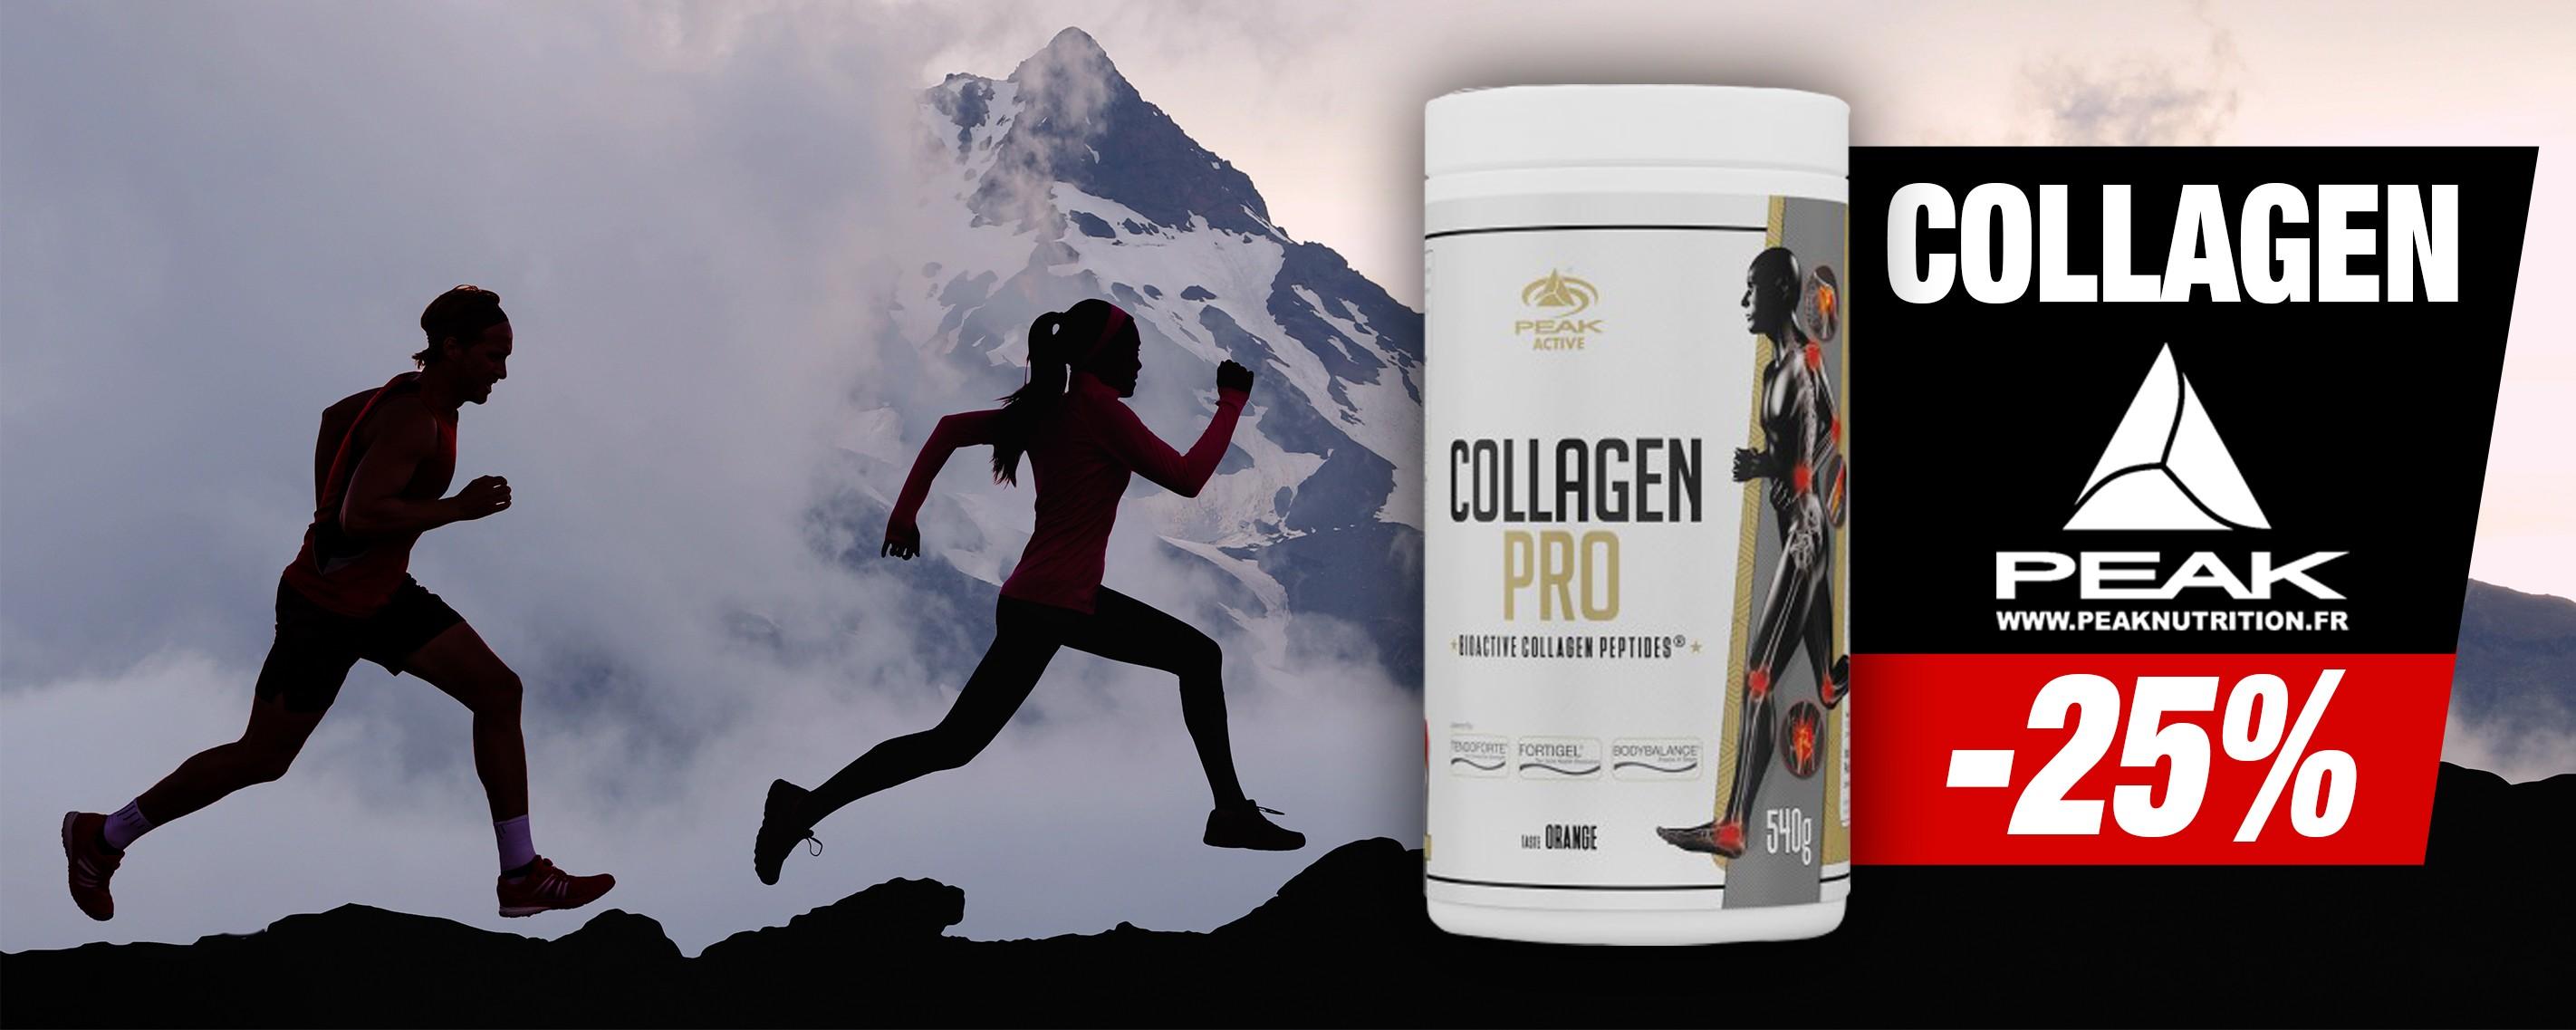 Collagen Pro -25%